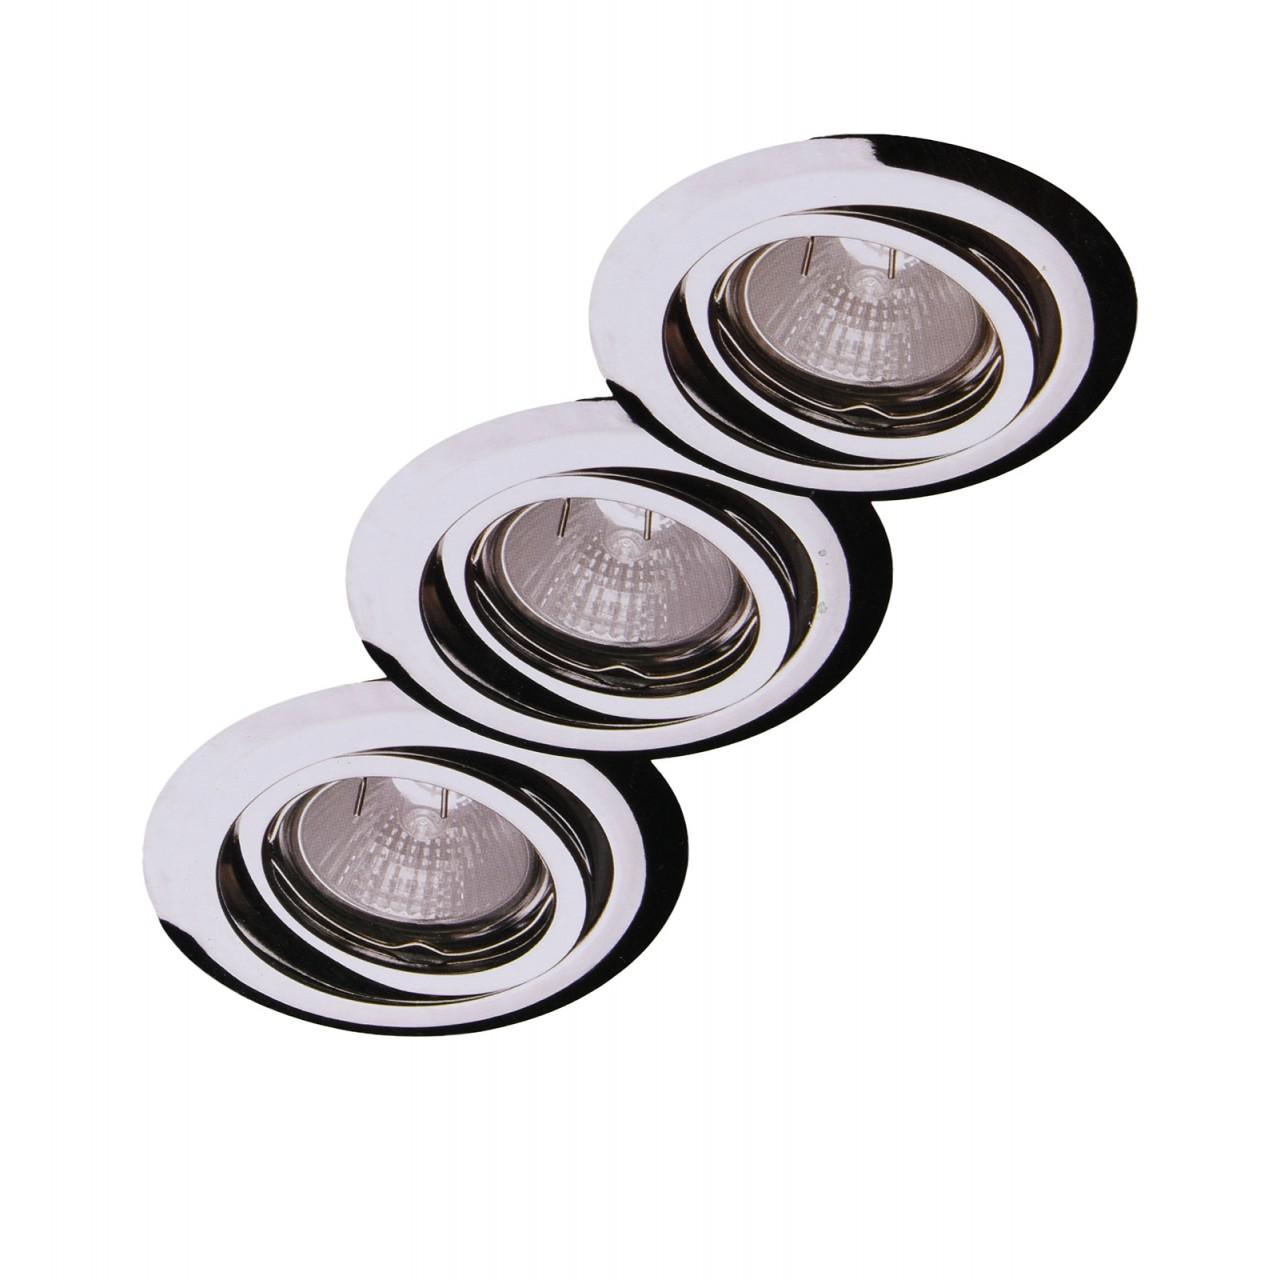 3er set halogen einbaustrahler 3 x 35 watt in chrom ebay. Black Bedroom Furniture Sets. Home Design Ideas